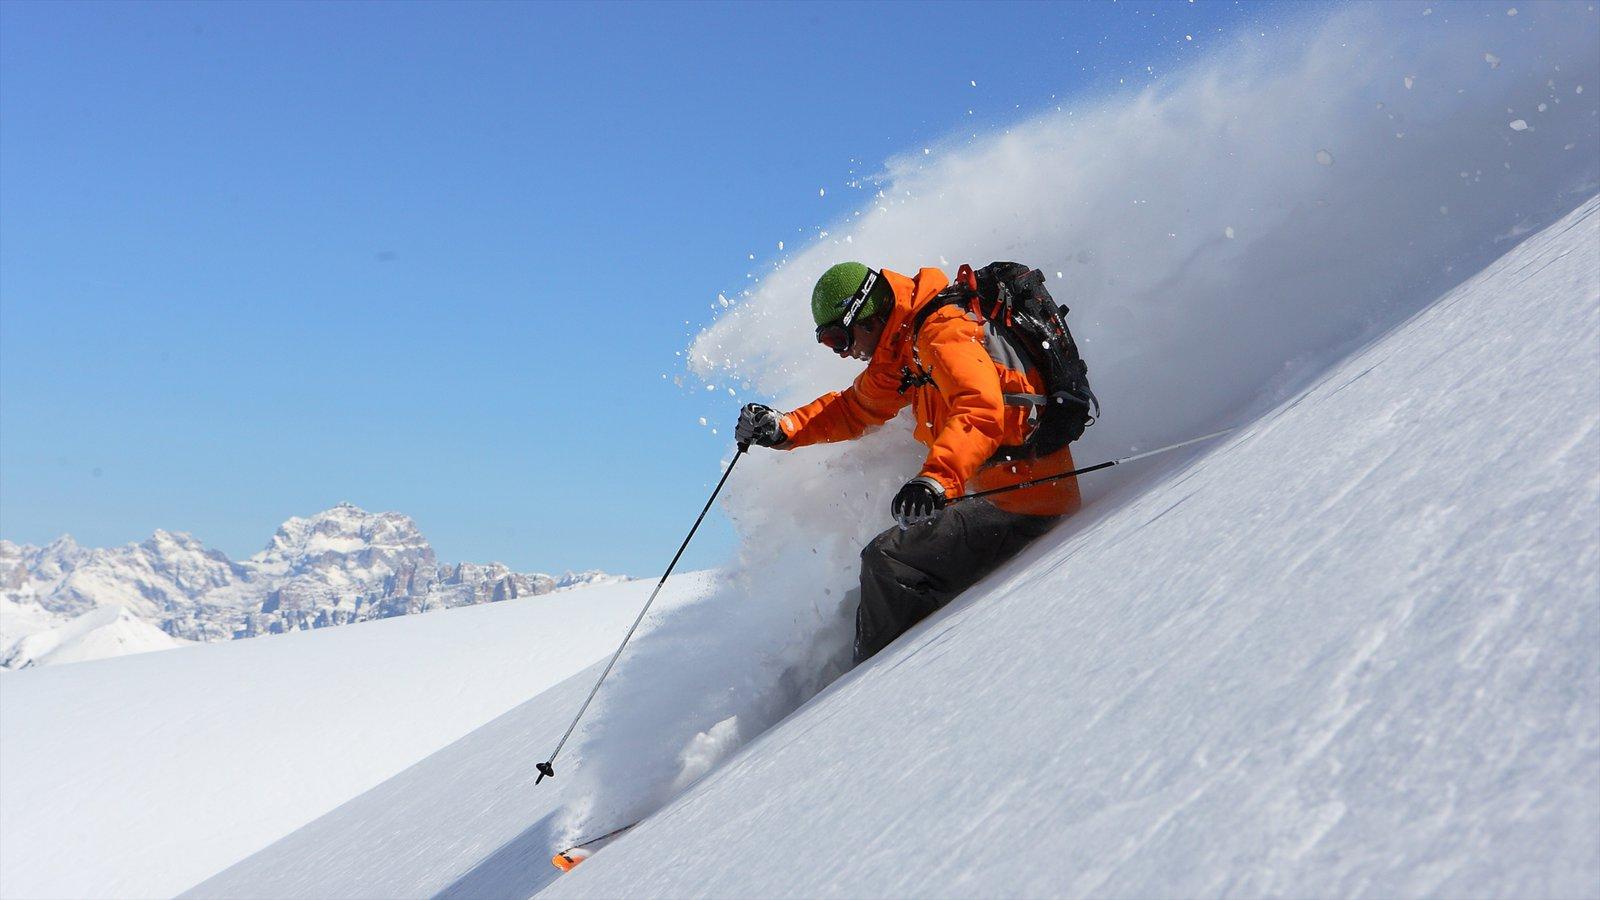 Fassa Valley caracterizando esqui na neve e neve assim como um homem sozinho